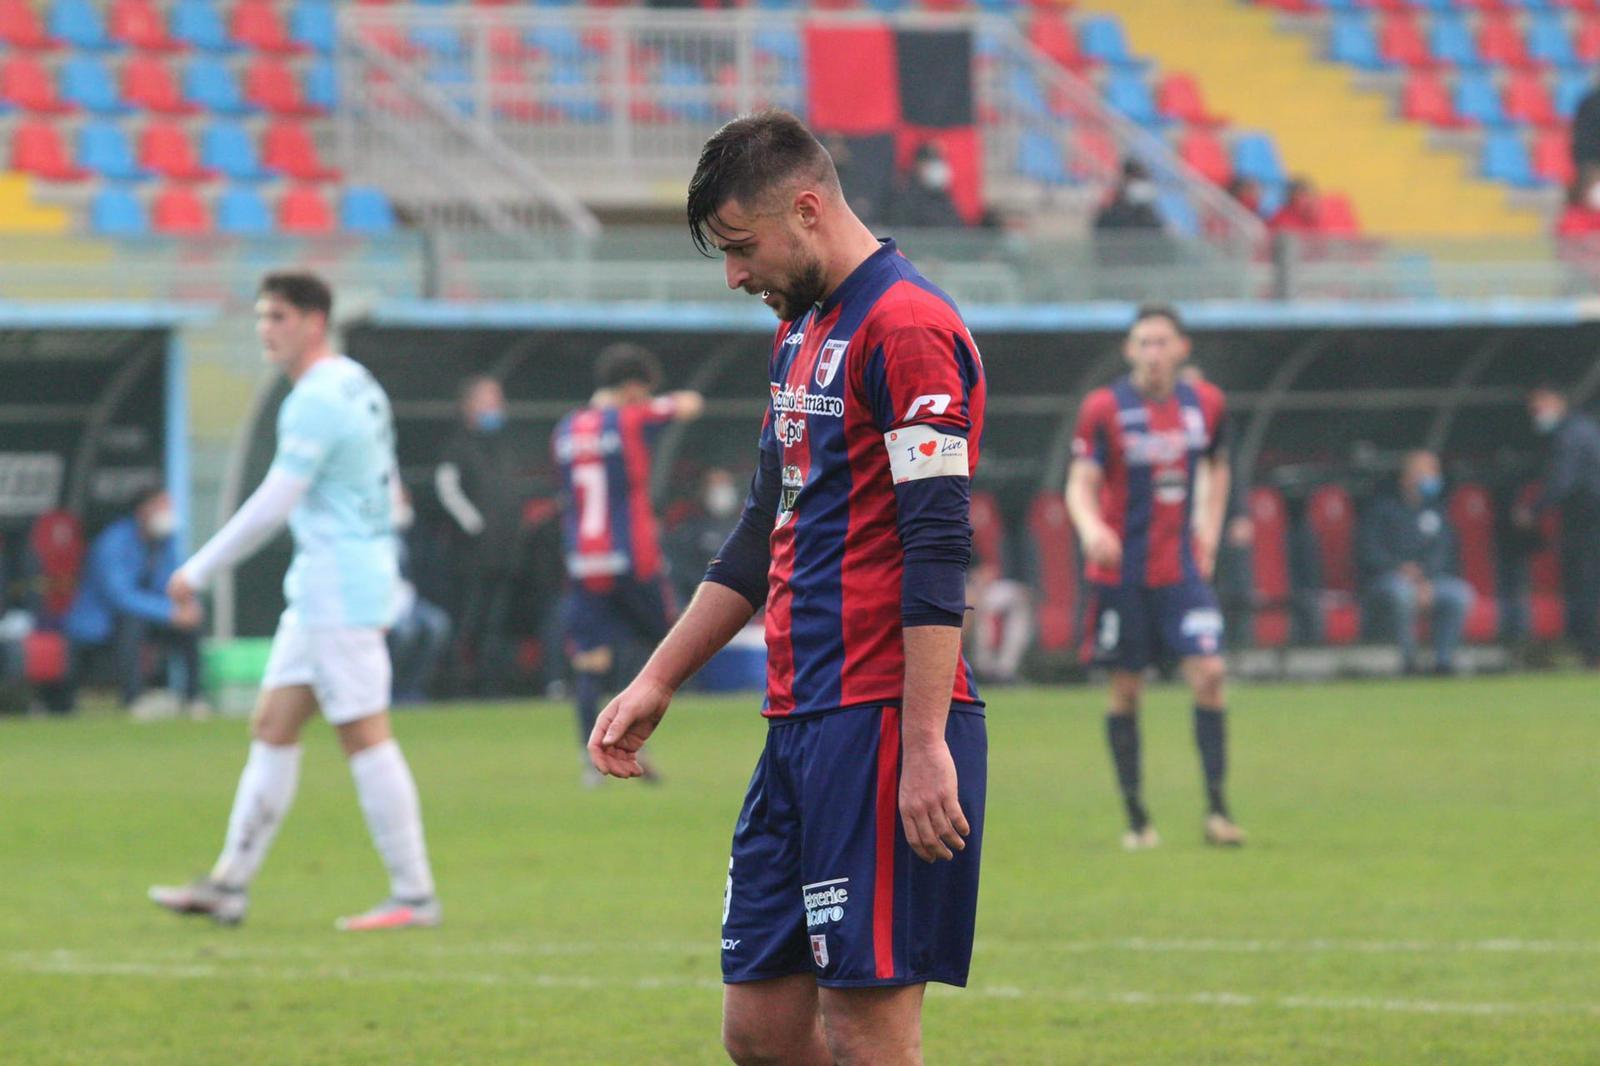 VIBONESE - V. FRANCAVILLA 1-2 | Il tabellino del match immagine 16810 US Vibonese Calcio